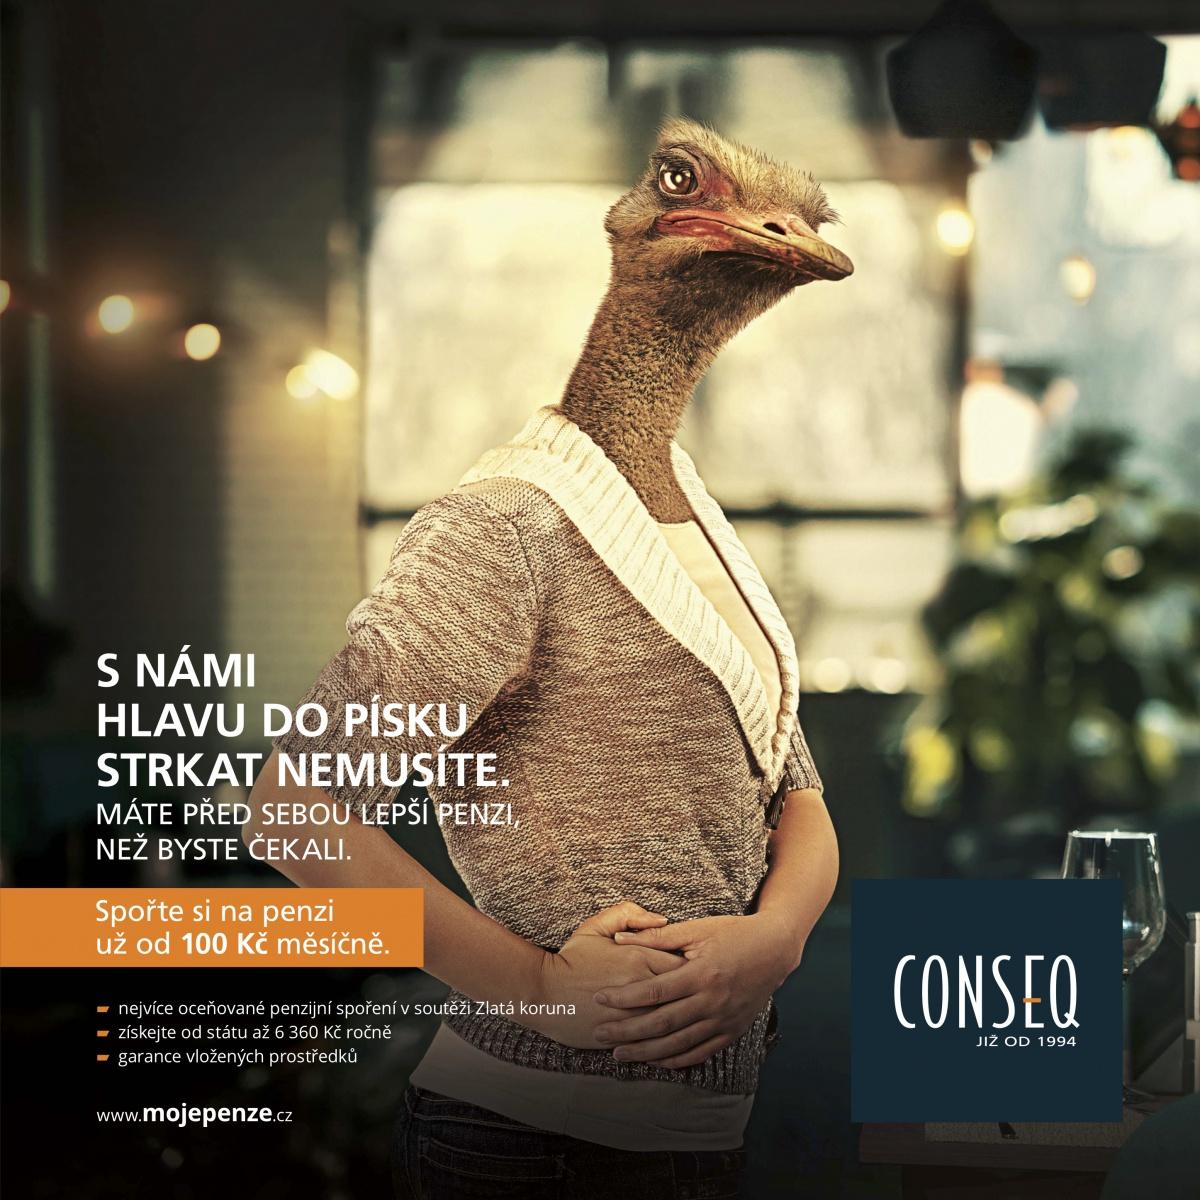 Nová kampaň Conseq na podporu penzijního spoření